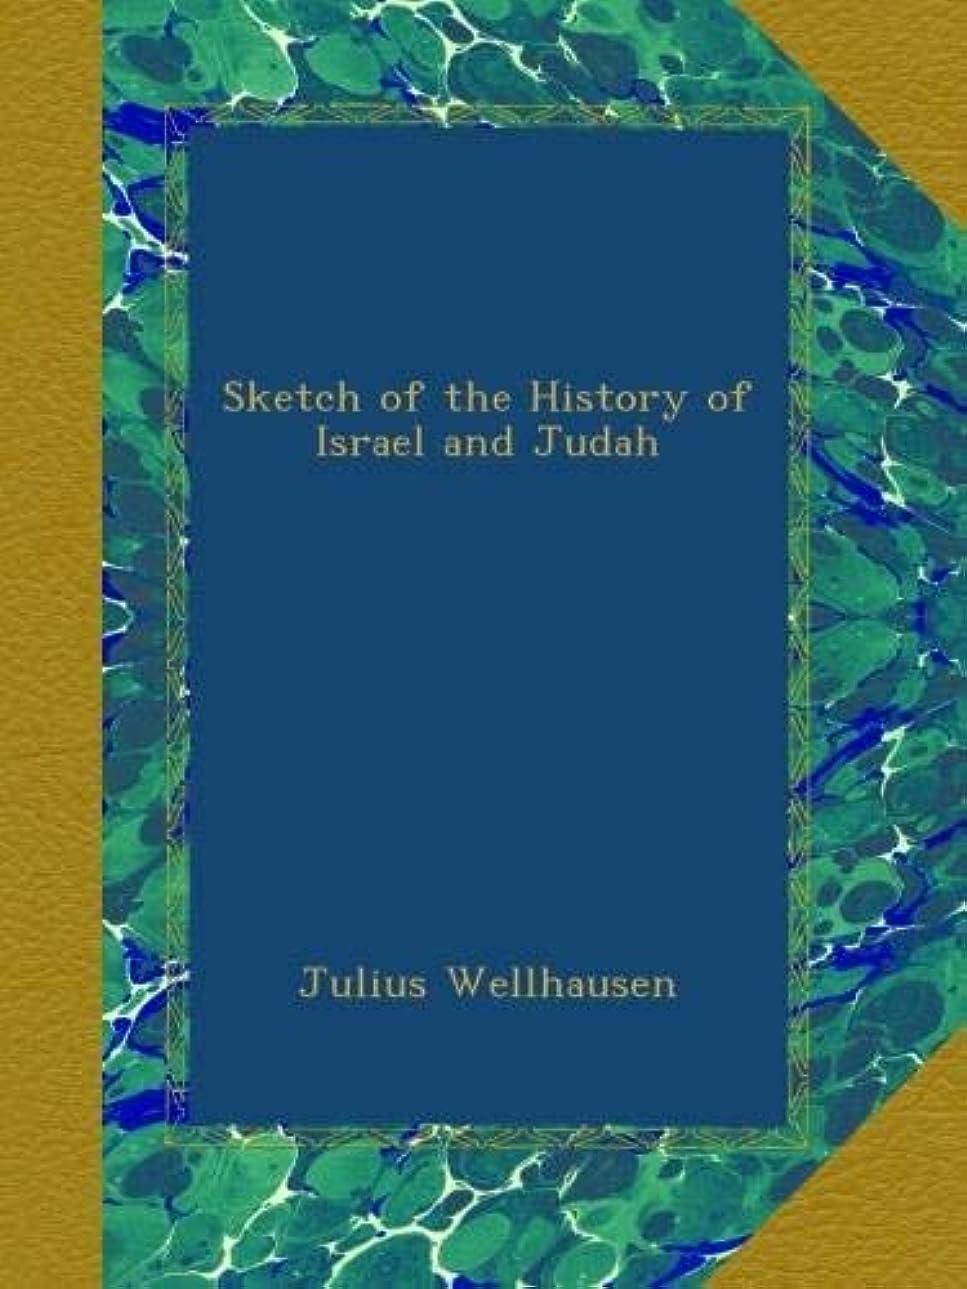 集団的眠いです入札Sketch of the History of Israel and Judah